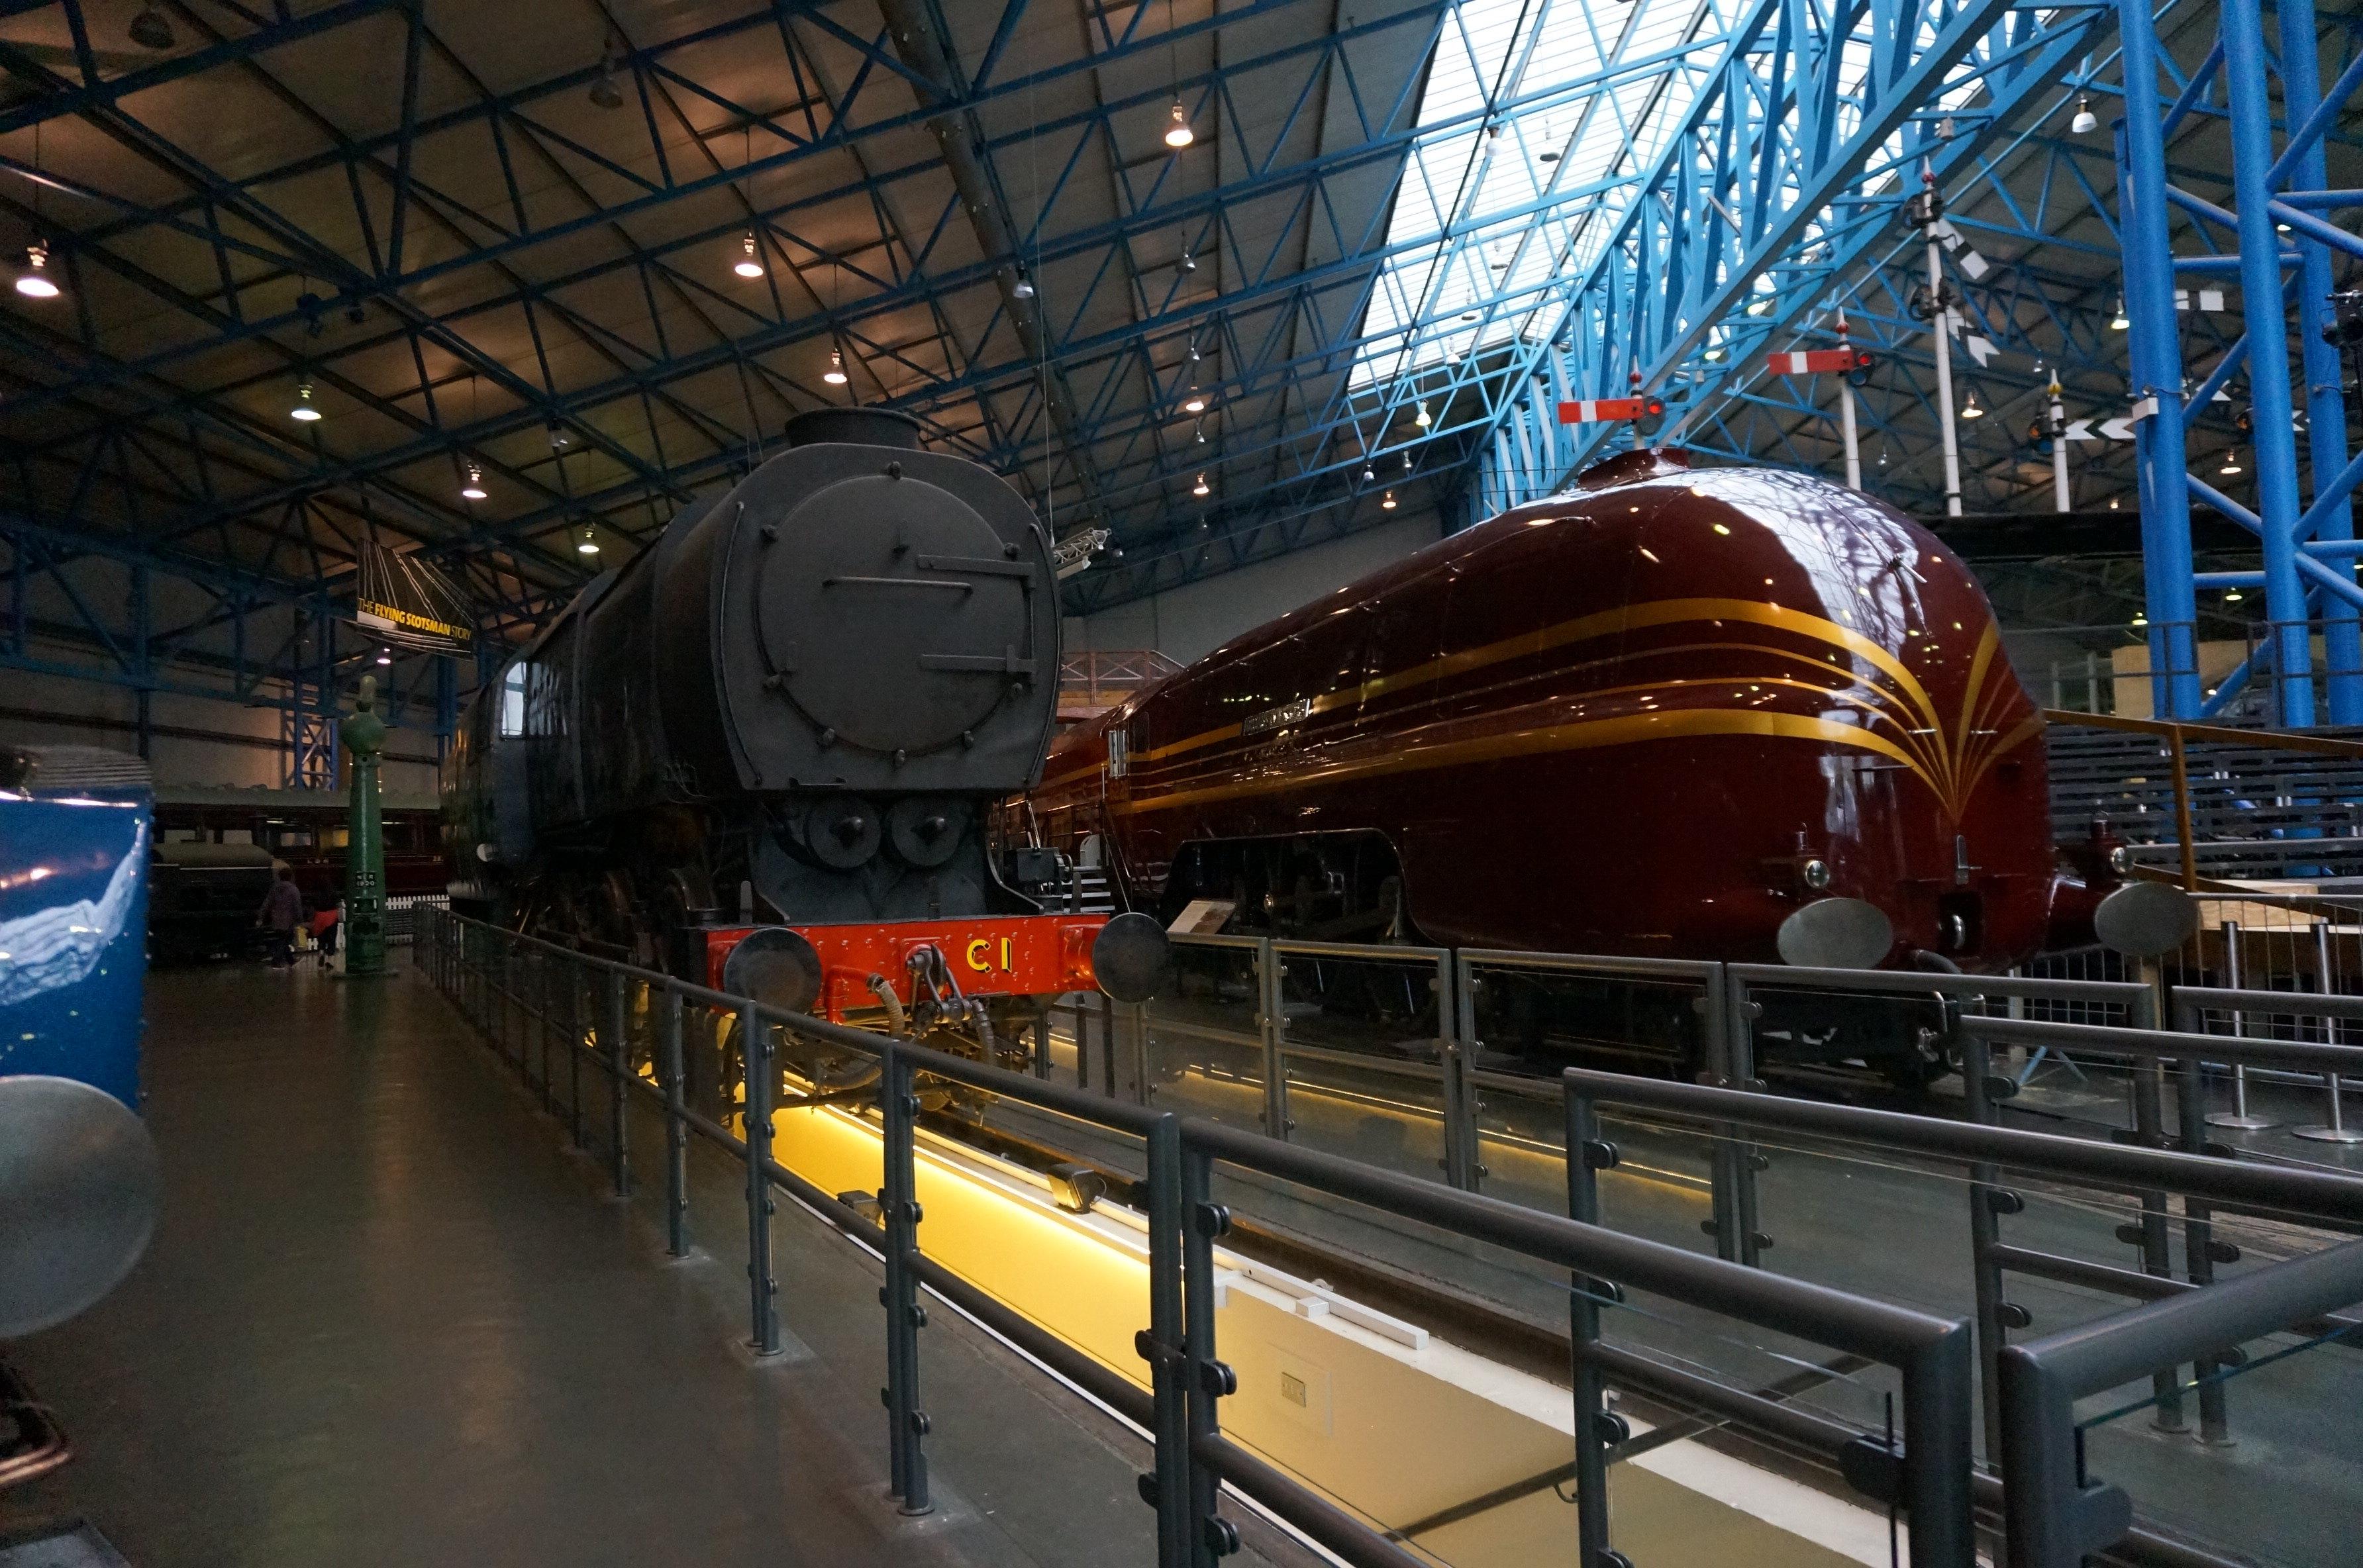 铁路博物馆_国家铁路博物馆